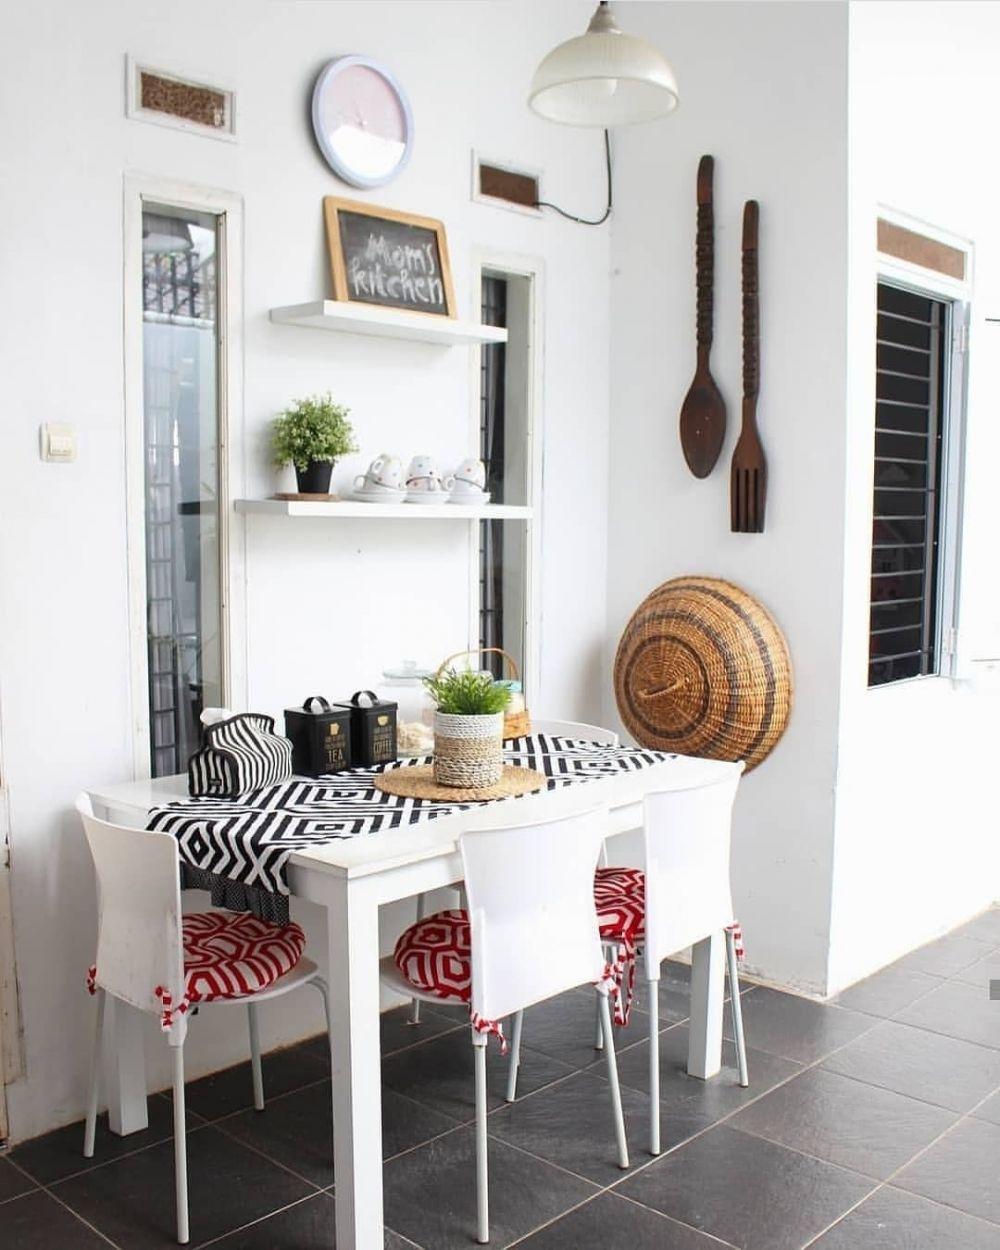 20 Desain Ruang Makan Minimalis Terbaik Bisa Kamu Tiru